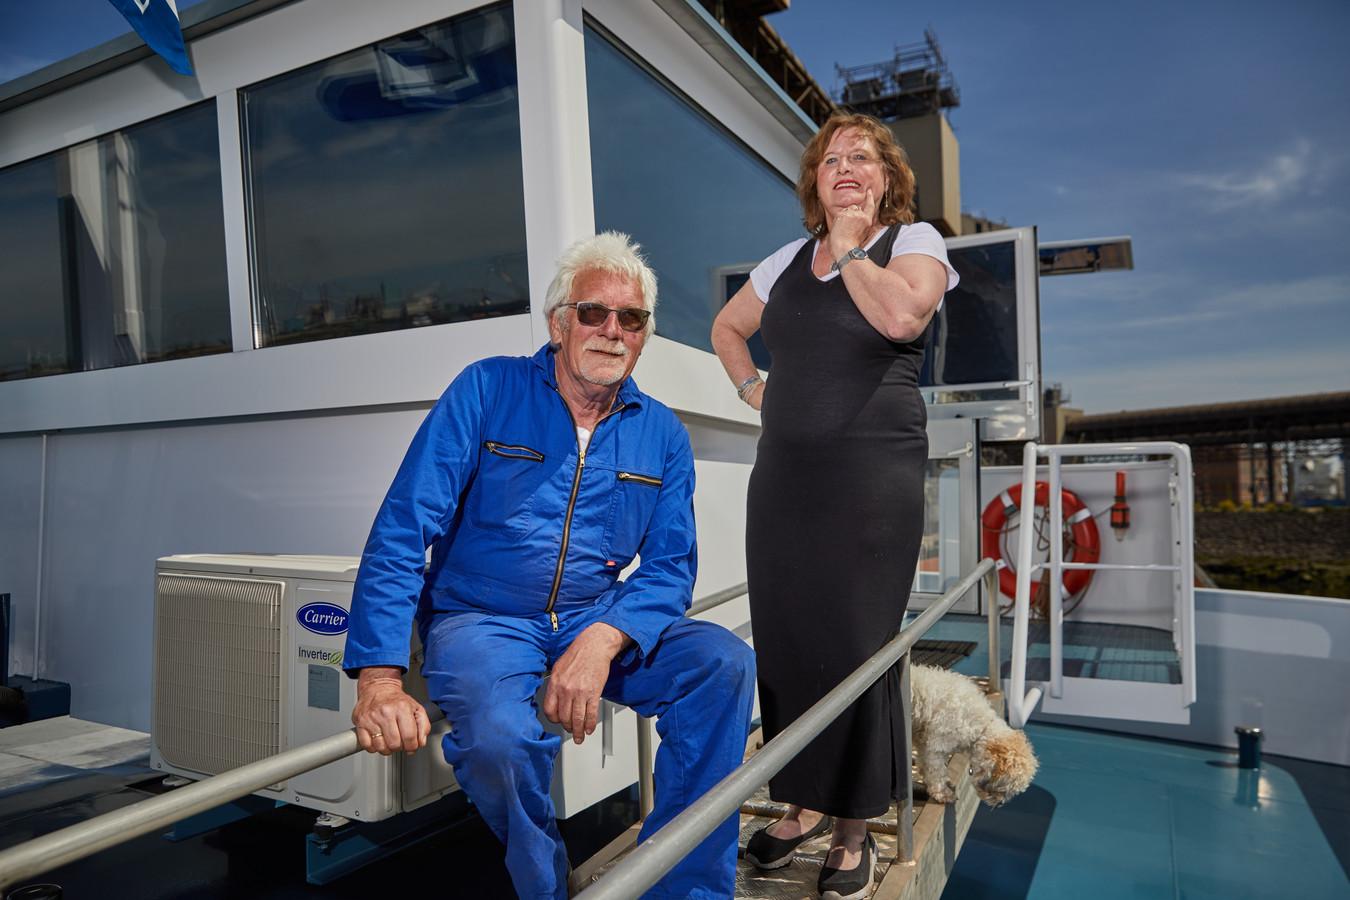 Teun en Wilma van den Berg uit Krimpen aan den IJssel en hun hond Boomer op de Wilhelmina 1 en 2. Het is een koppelverband, oftewel een binnenvaartschip (Wilhemina 1) met een duwbak (Wilhelmina 2). Die ligt nu aan de andere kant van de steiger. ,,Maar we binden ze zo met staalkabels aan elkaar.''